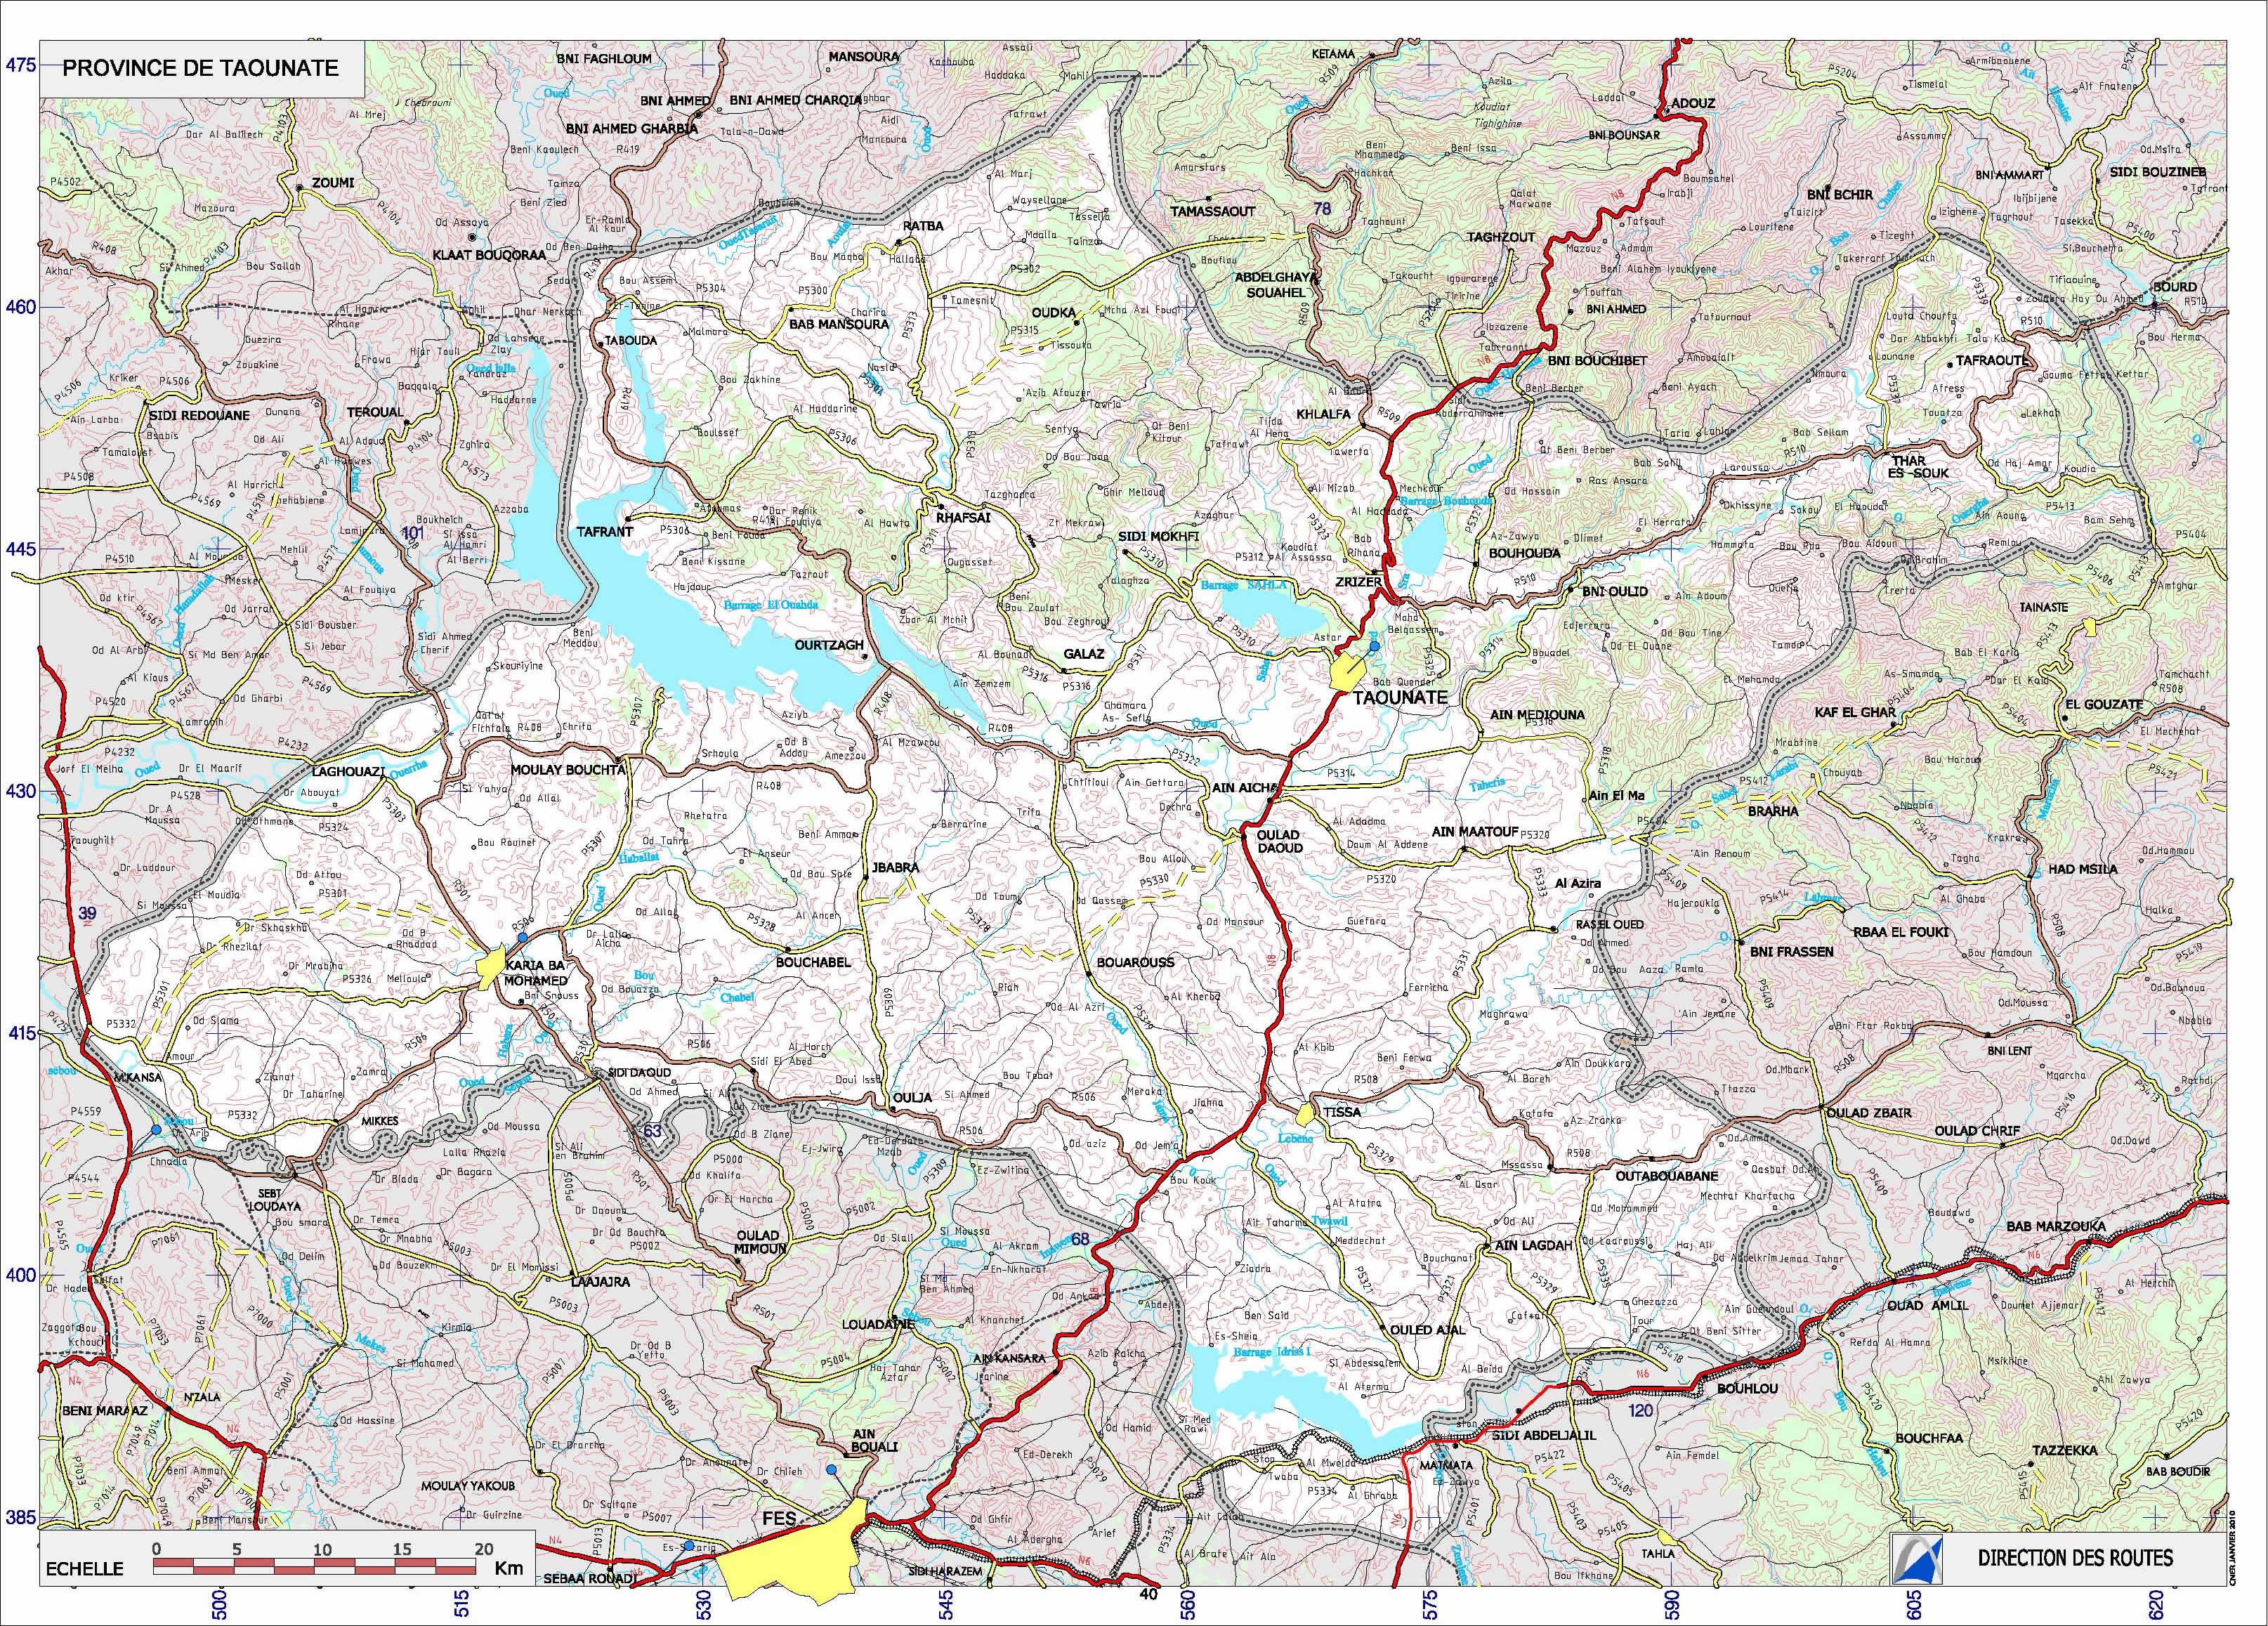 Carte Taounate, Carte routière taounate